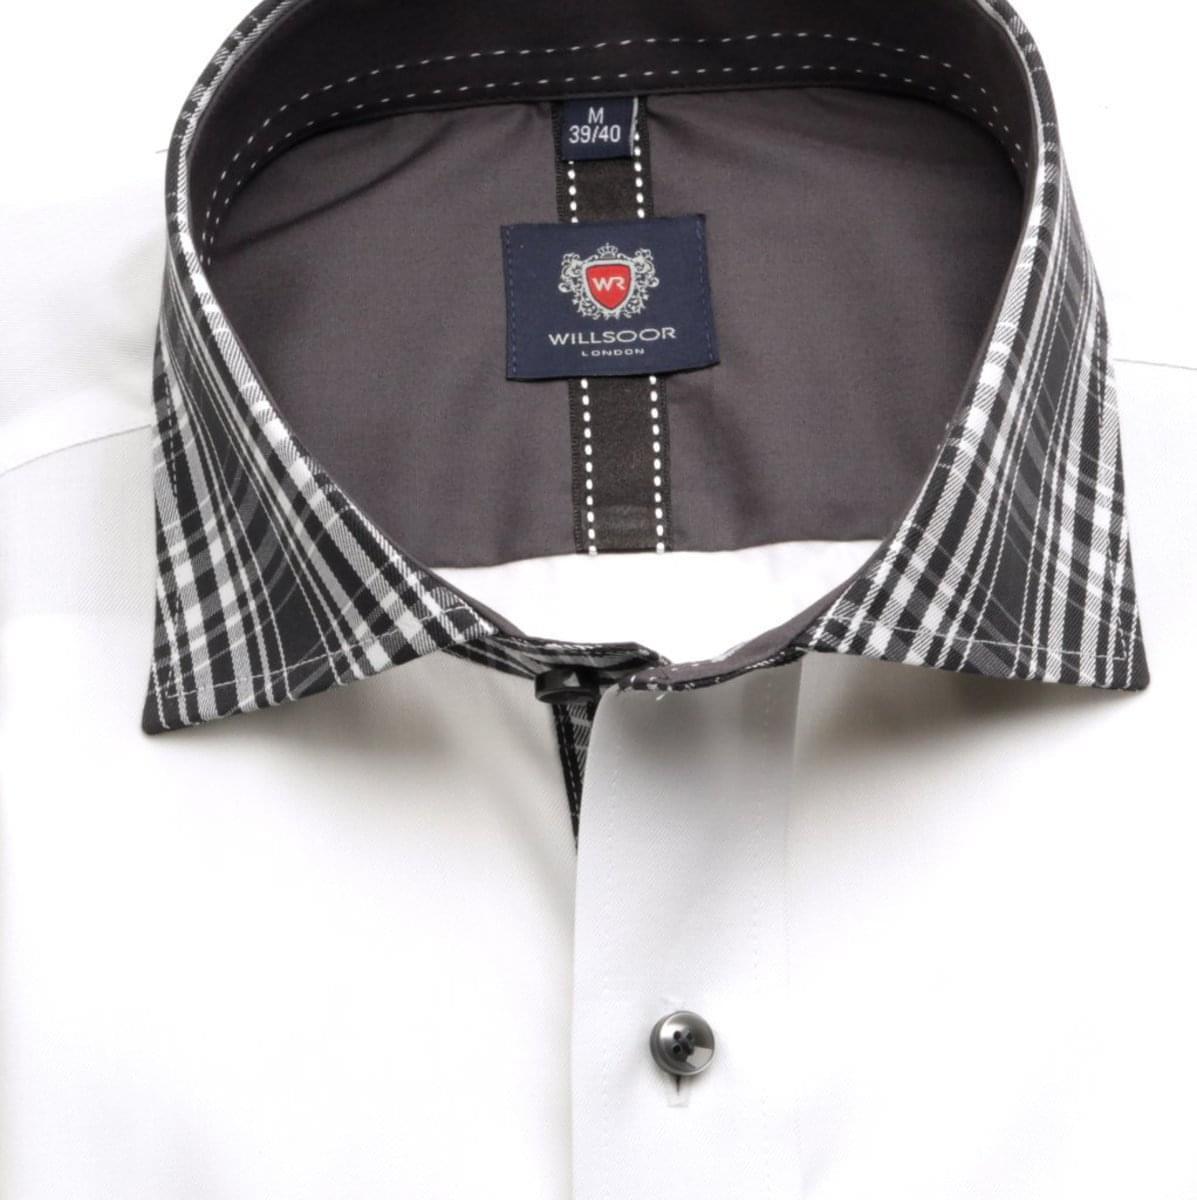 Pánská klasická košile London (výška 188-194) 5945 v bílé barvě s formulí 2 W Plus 188-194 / XXL (45/46)